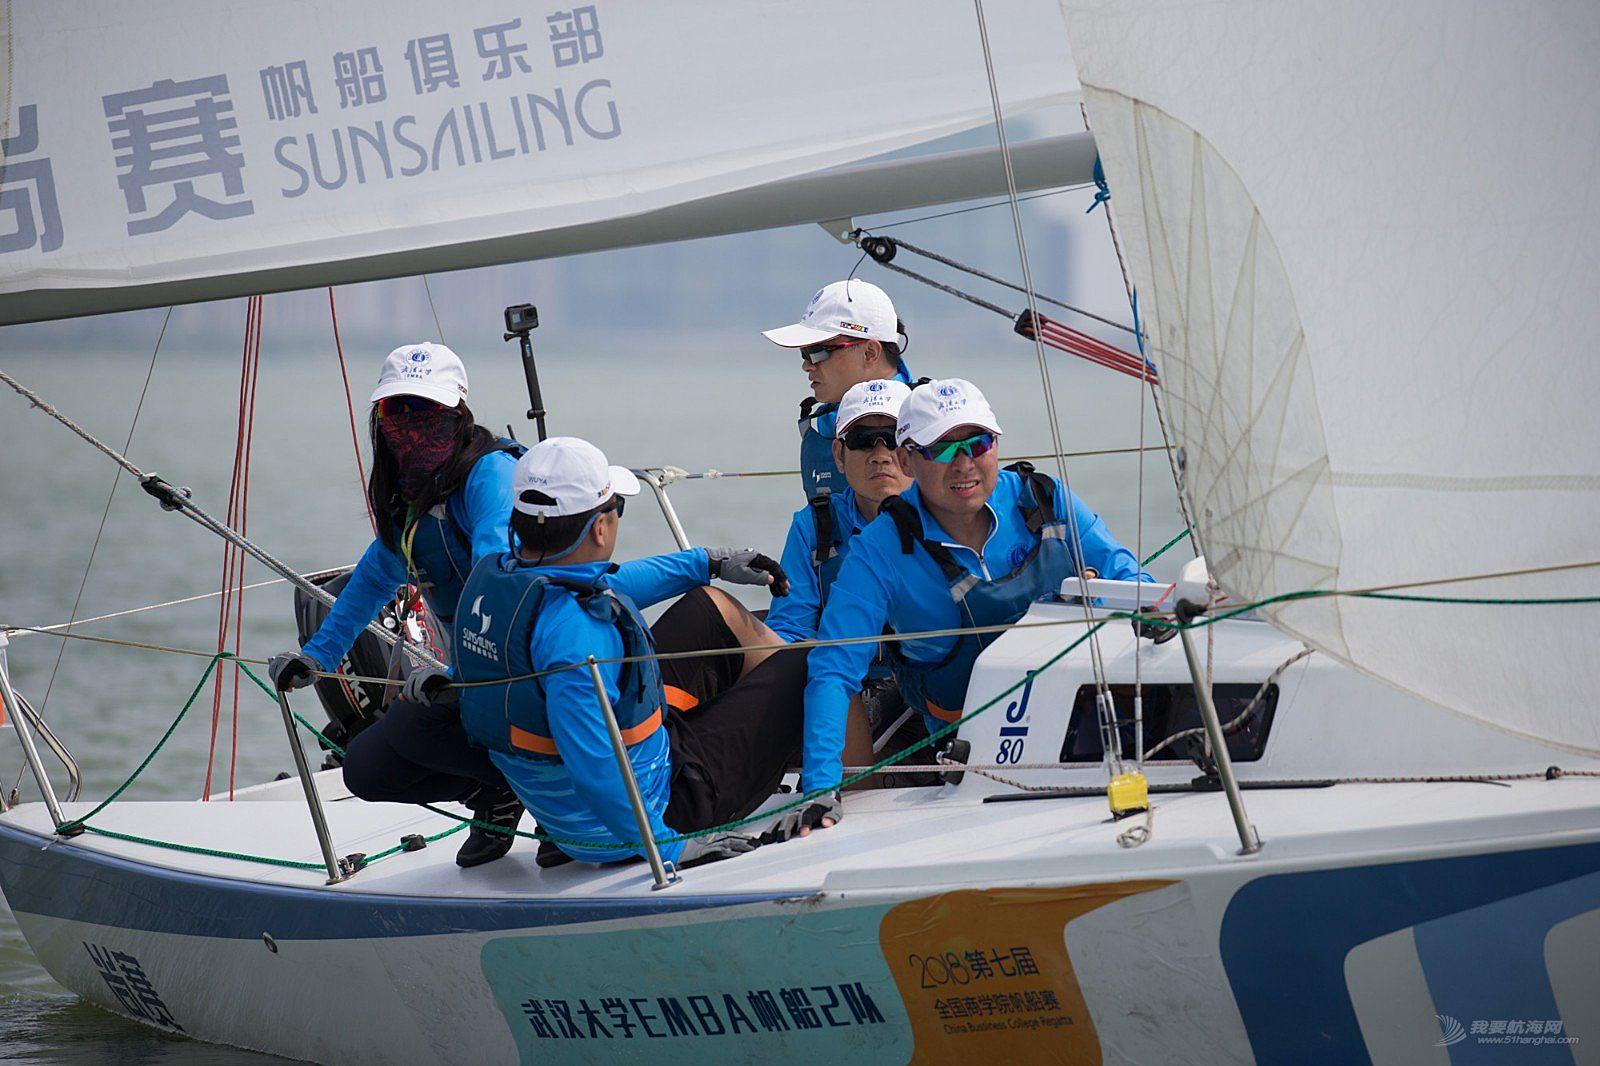 第七届全国商学院帆船赛首战打响,商学院群雄激战东太湖